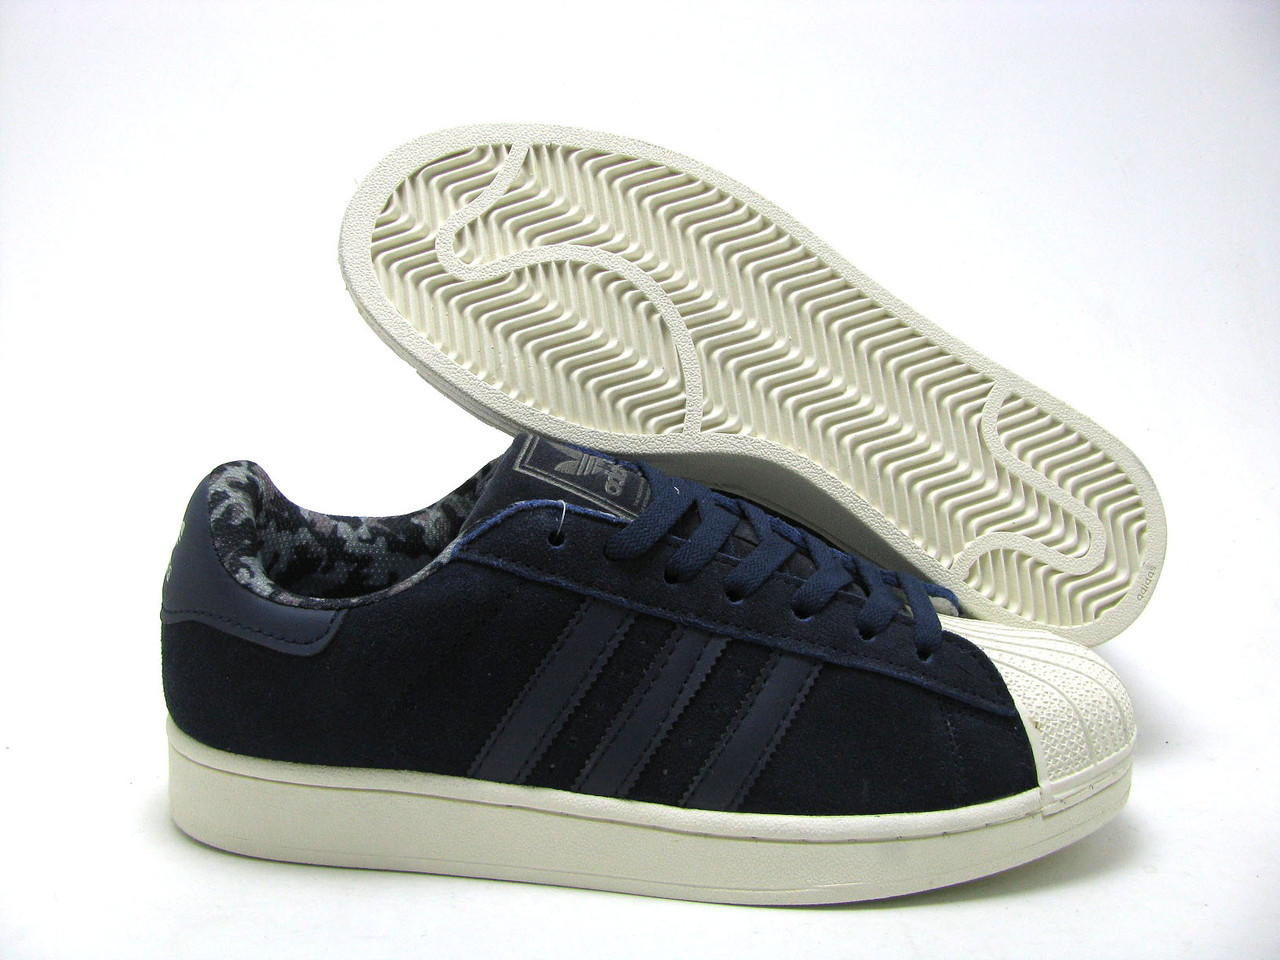 Мужские кроссовки Adidas Superstar 80s City Pack синие замшевые